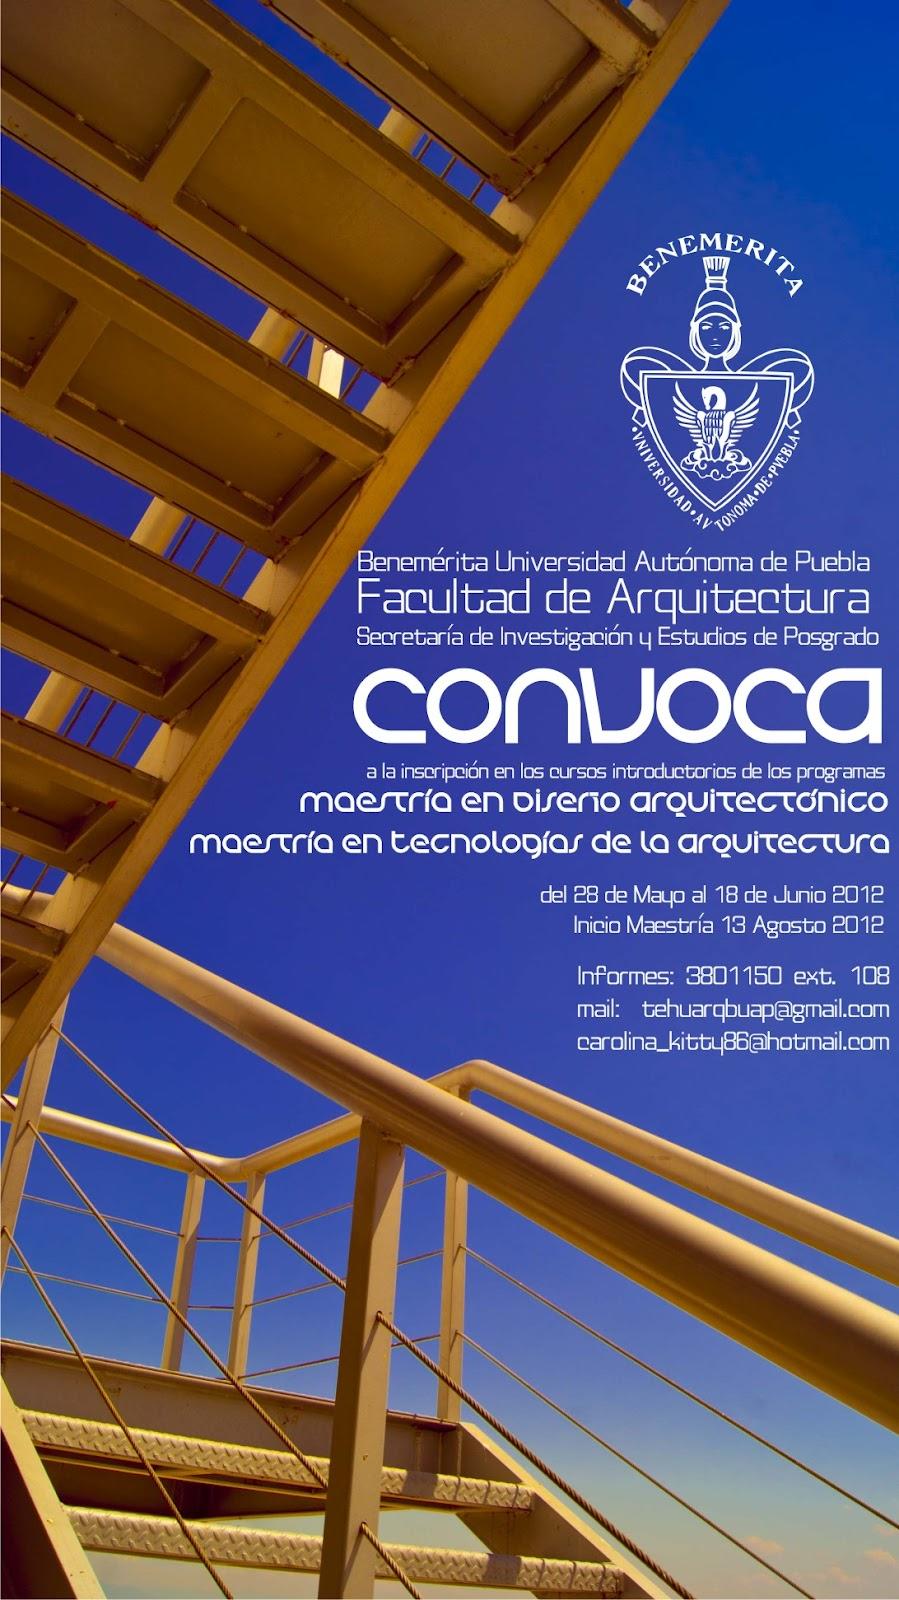 Arquitectura buap tehuacan abril 2012 for Maestria en interiorismo arquitectonico